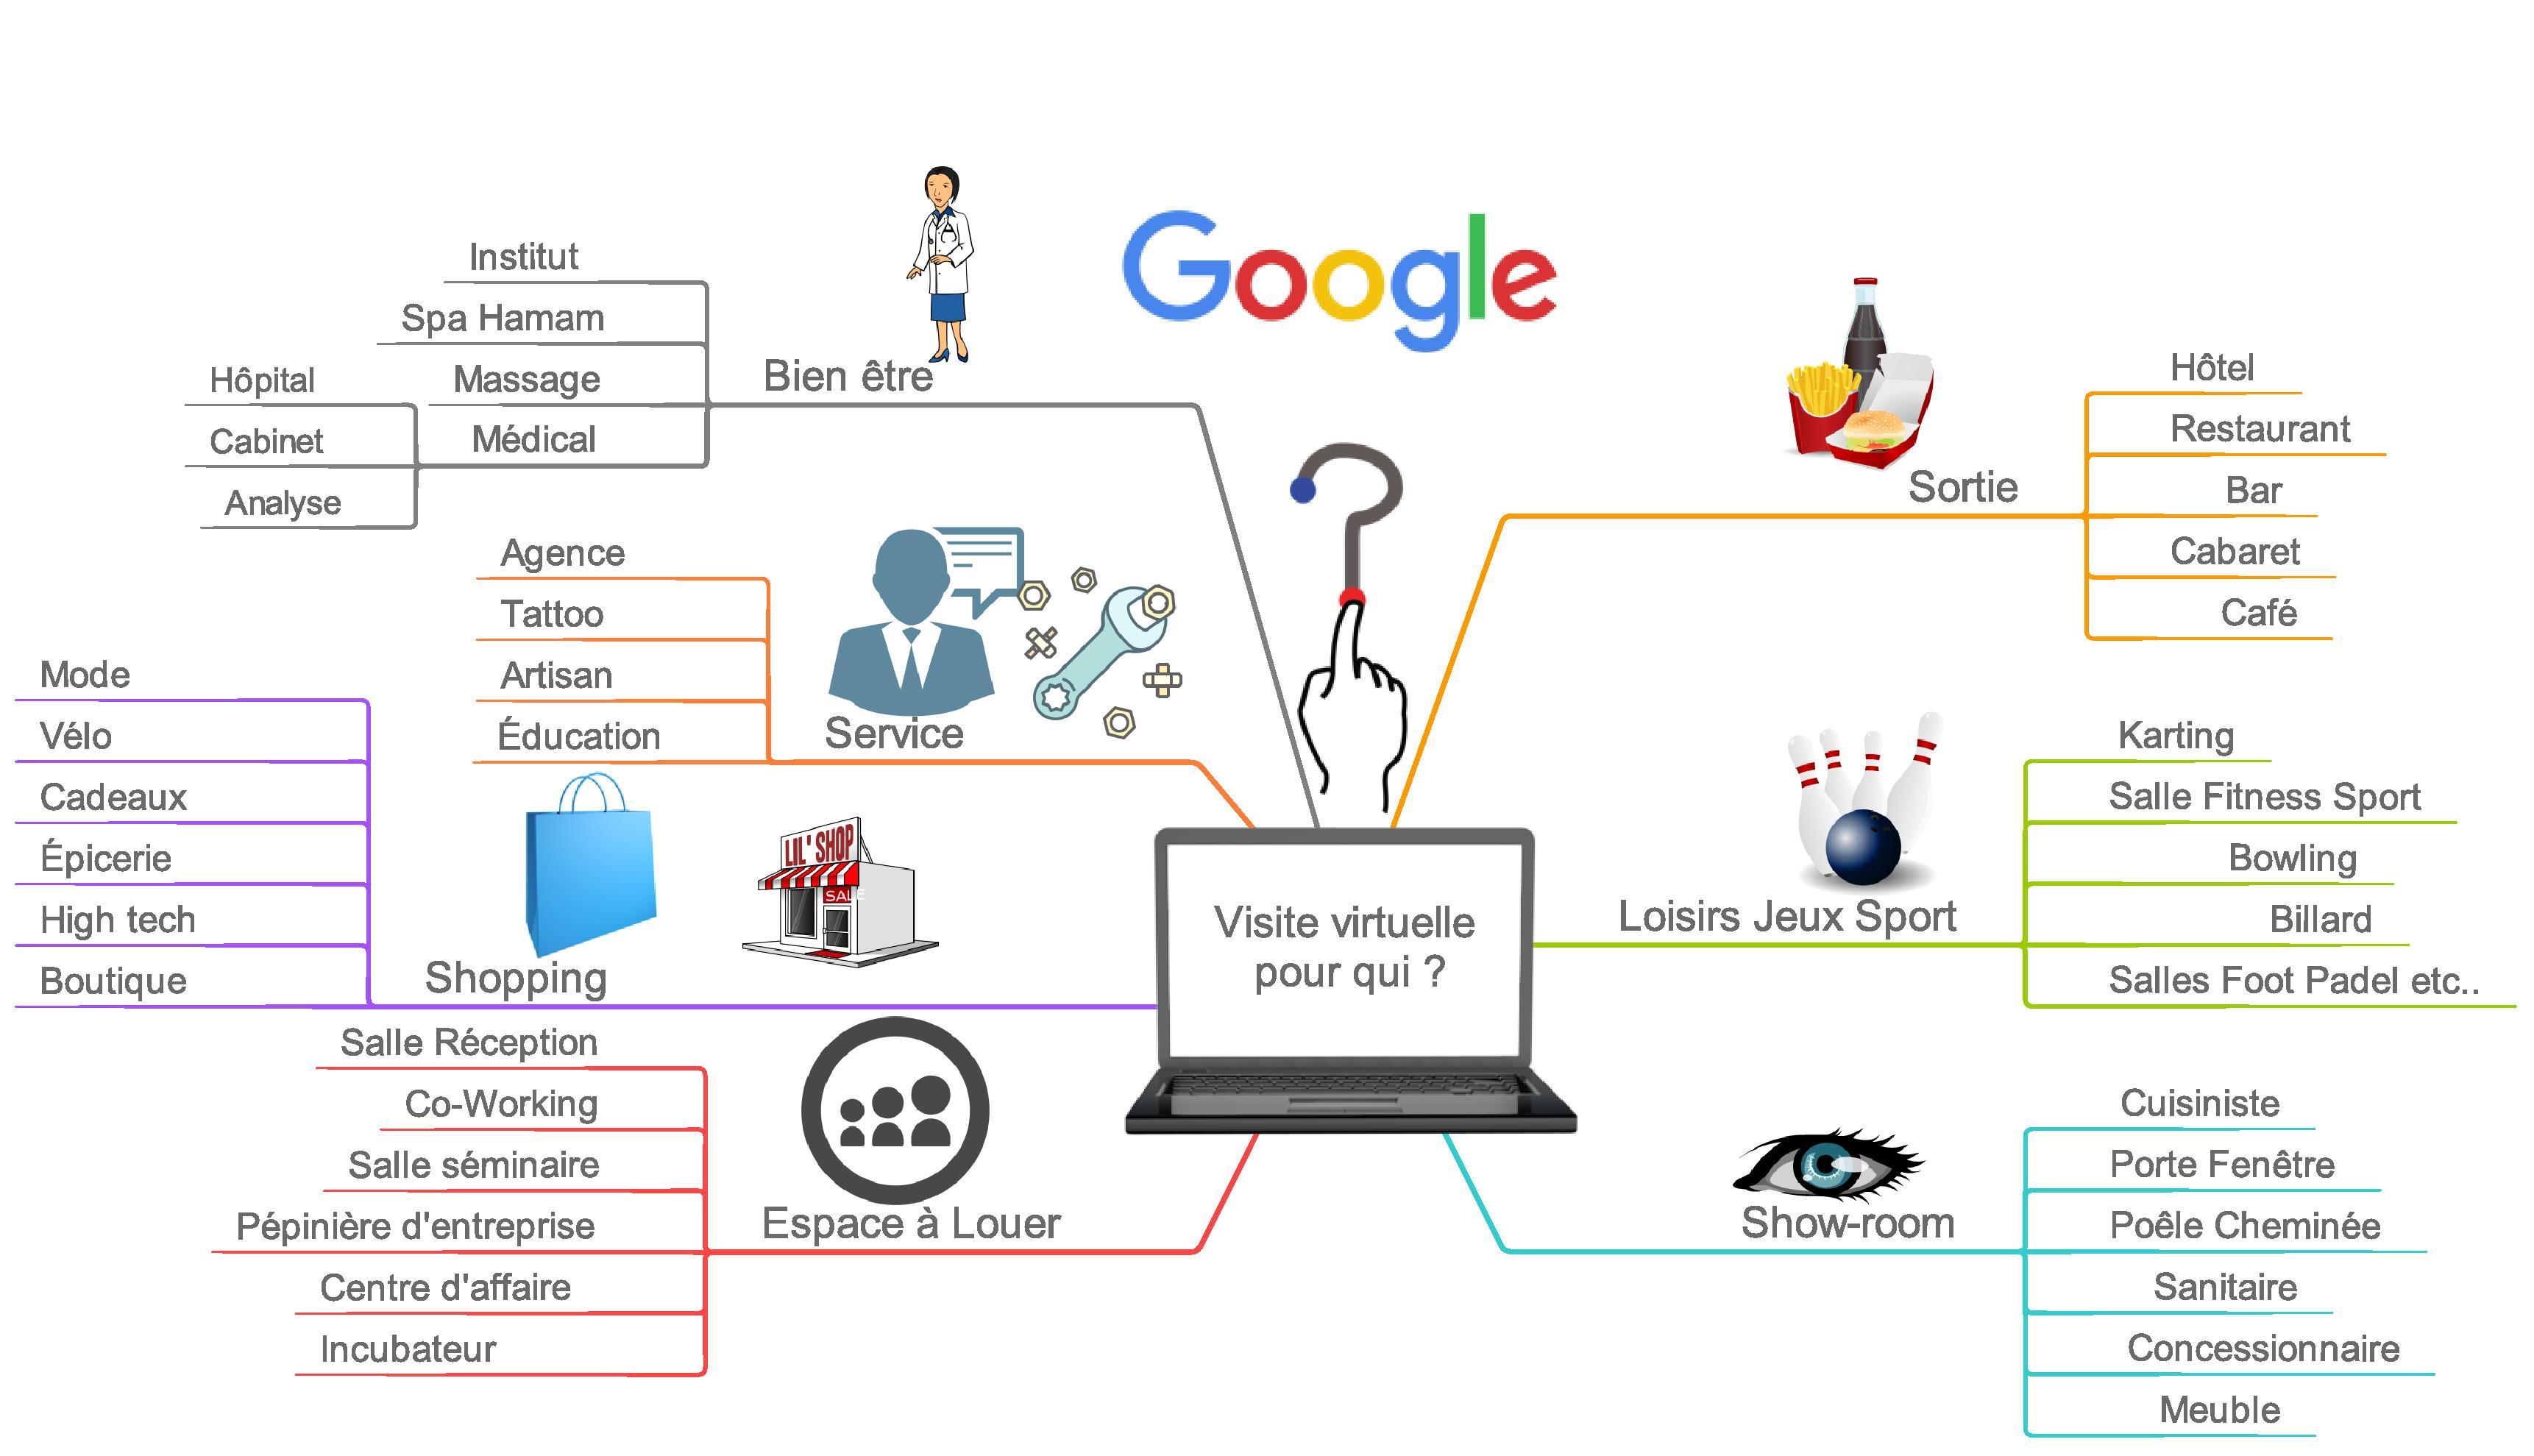 Visite virtuelle pour qui-page-001